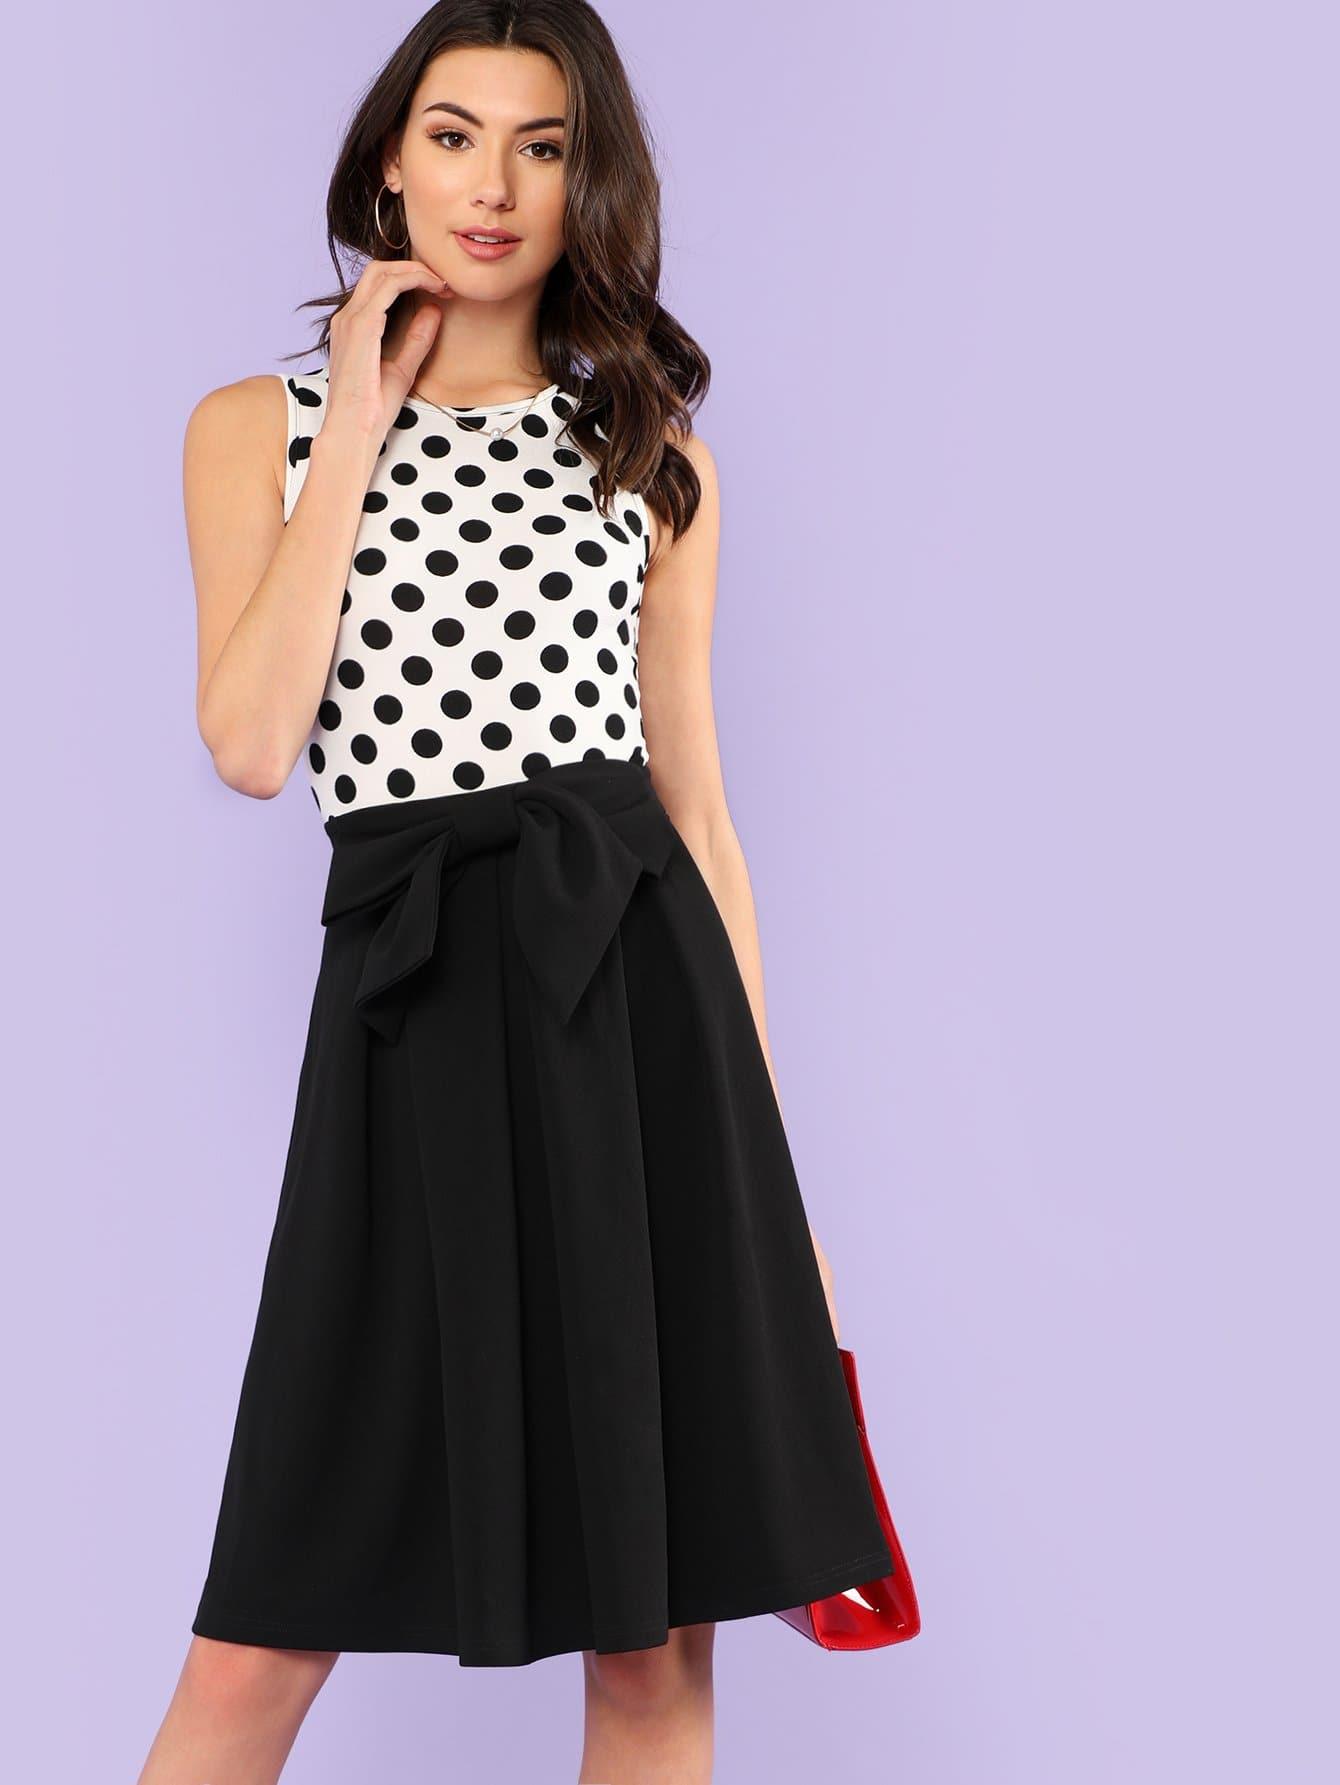 все цены на Boxed Pleated Polka Dot Dress